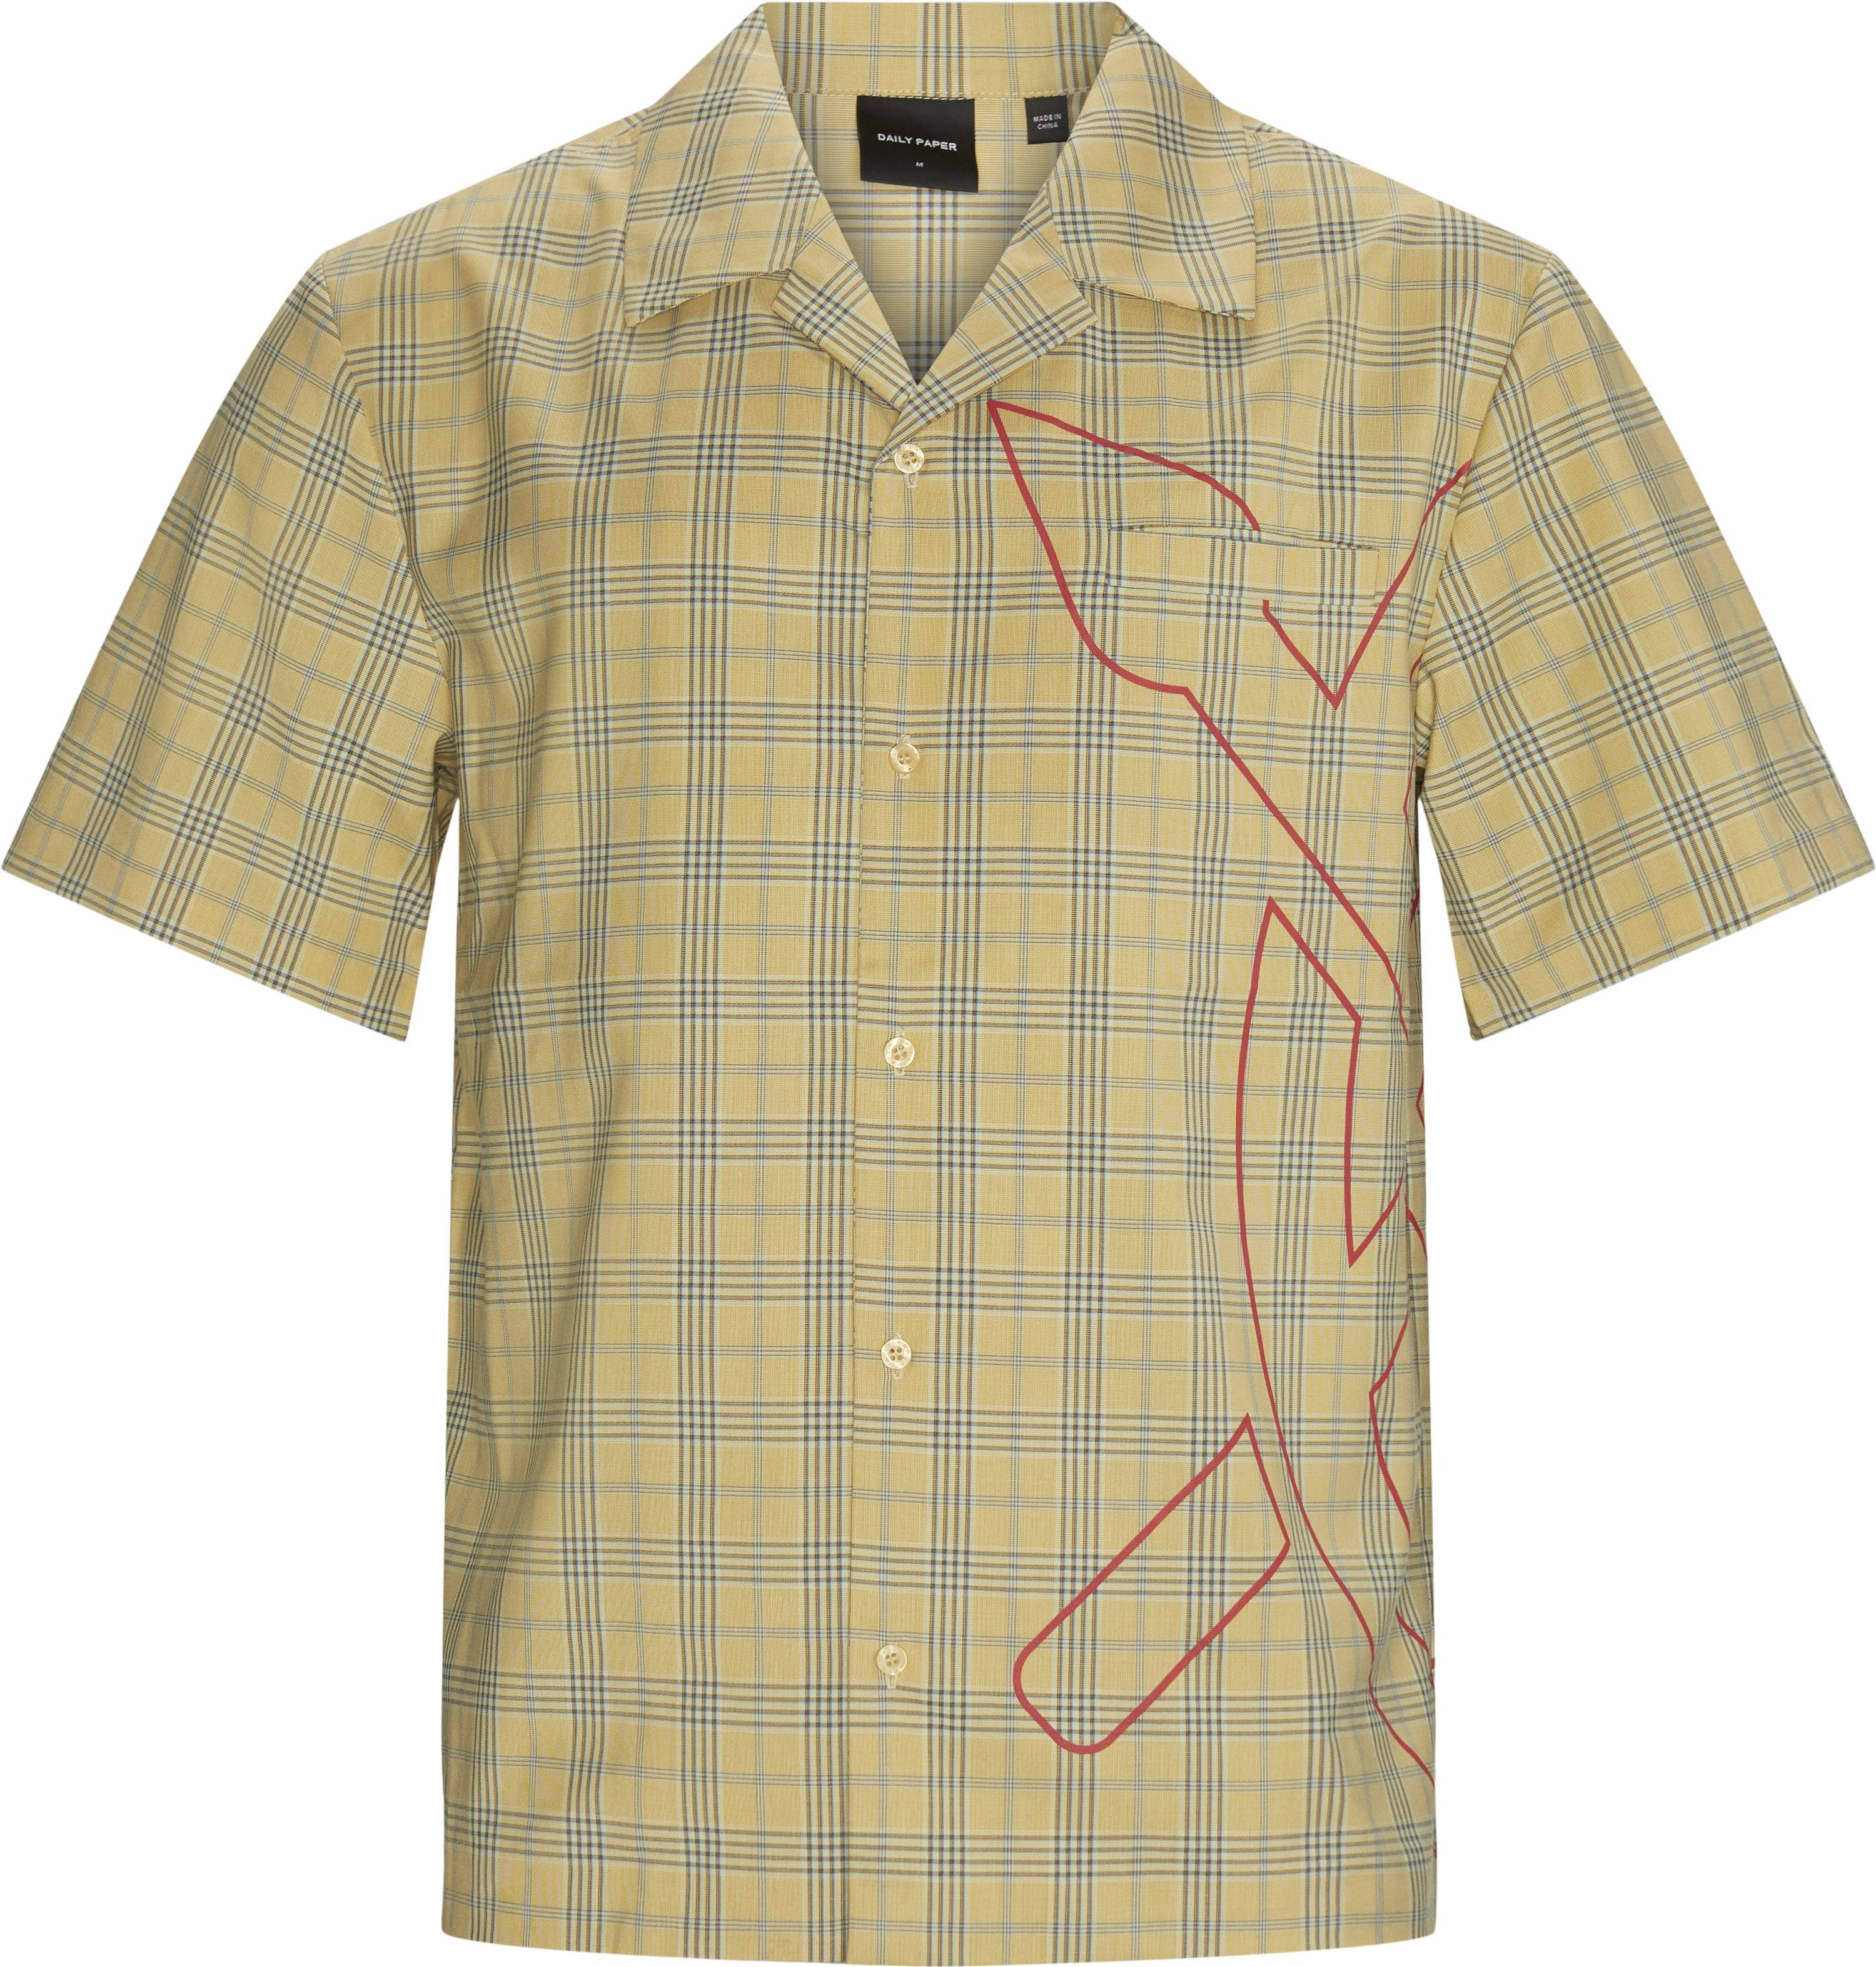 Kovan Kortærmet Skjorte - Skjorter - Loose - Gul